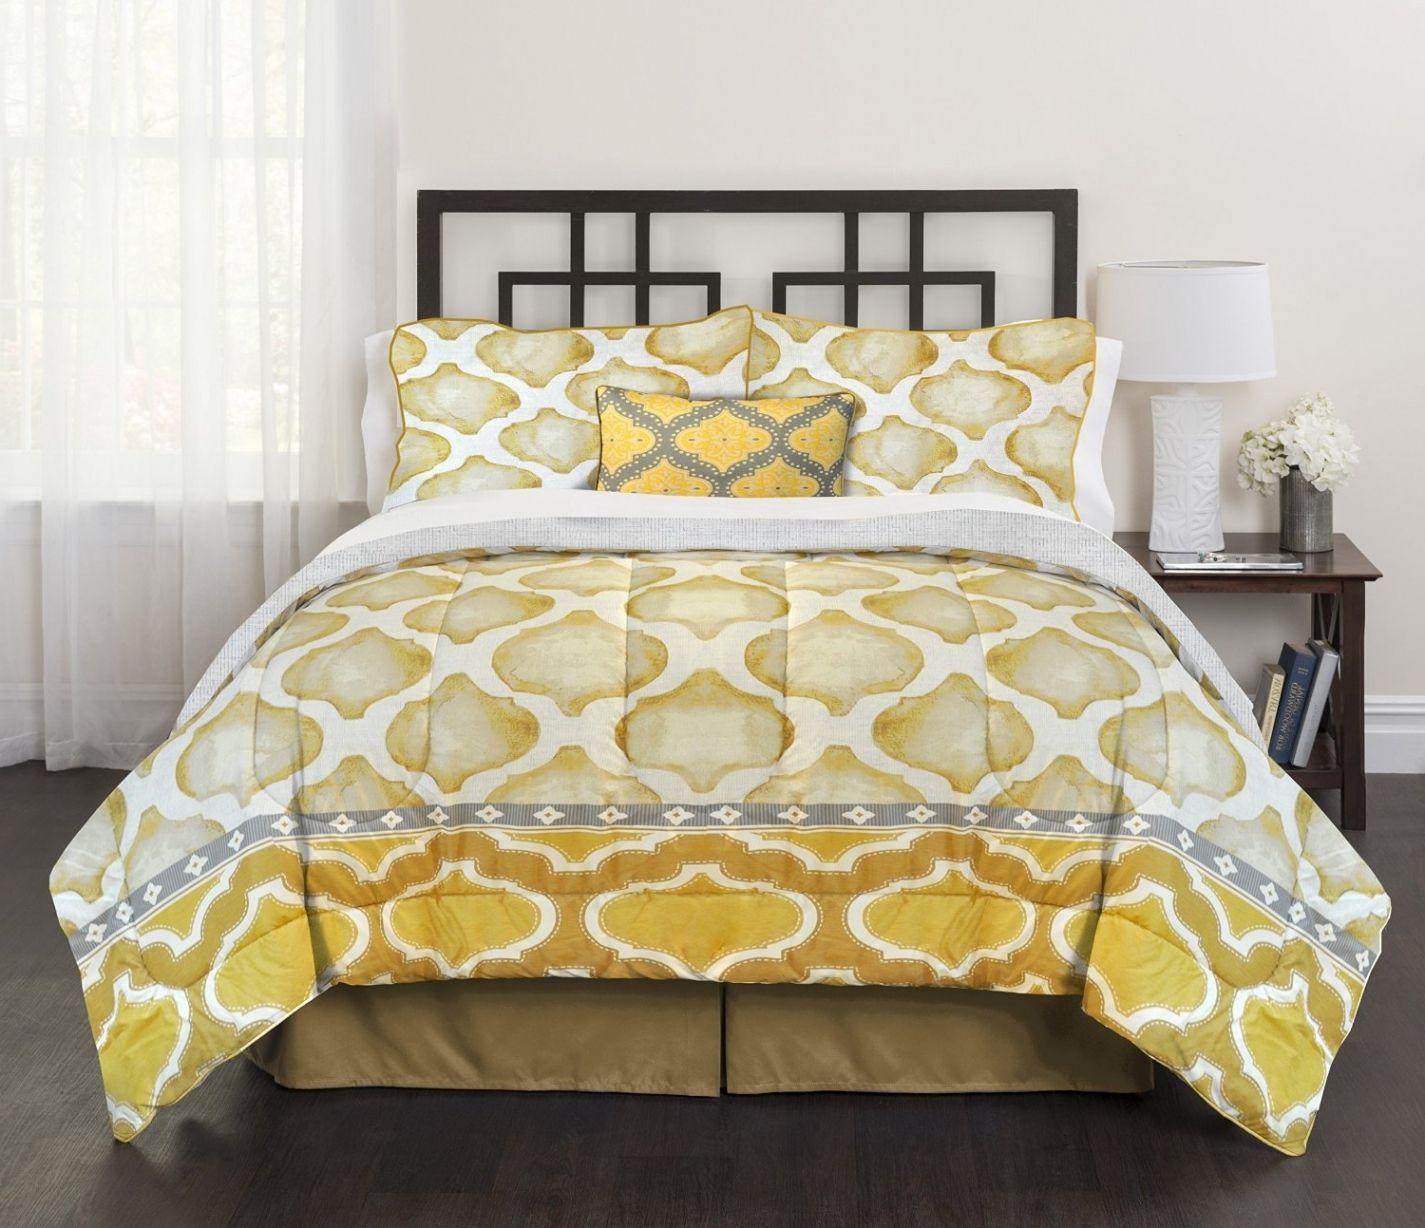 The Best & Stunning Modern Bedding: 22+ Photos Collections http://freshouz.com/modern-bedding/